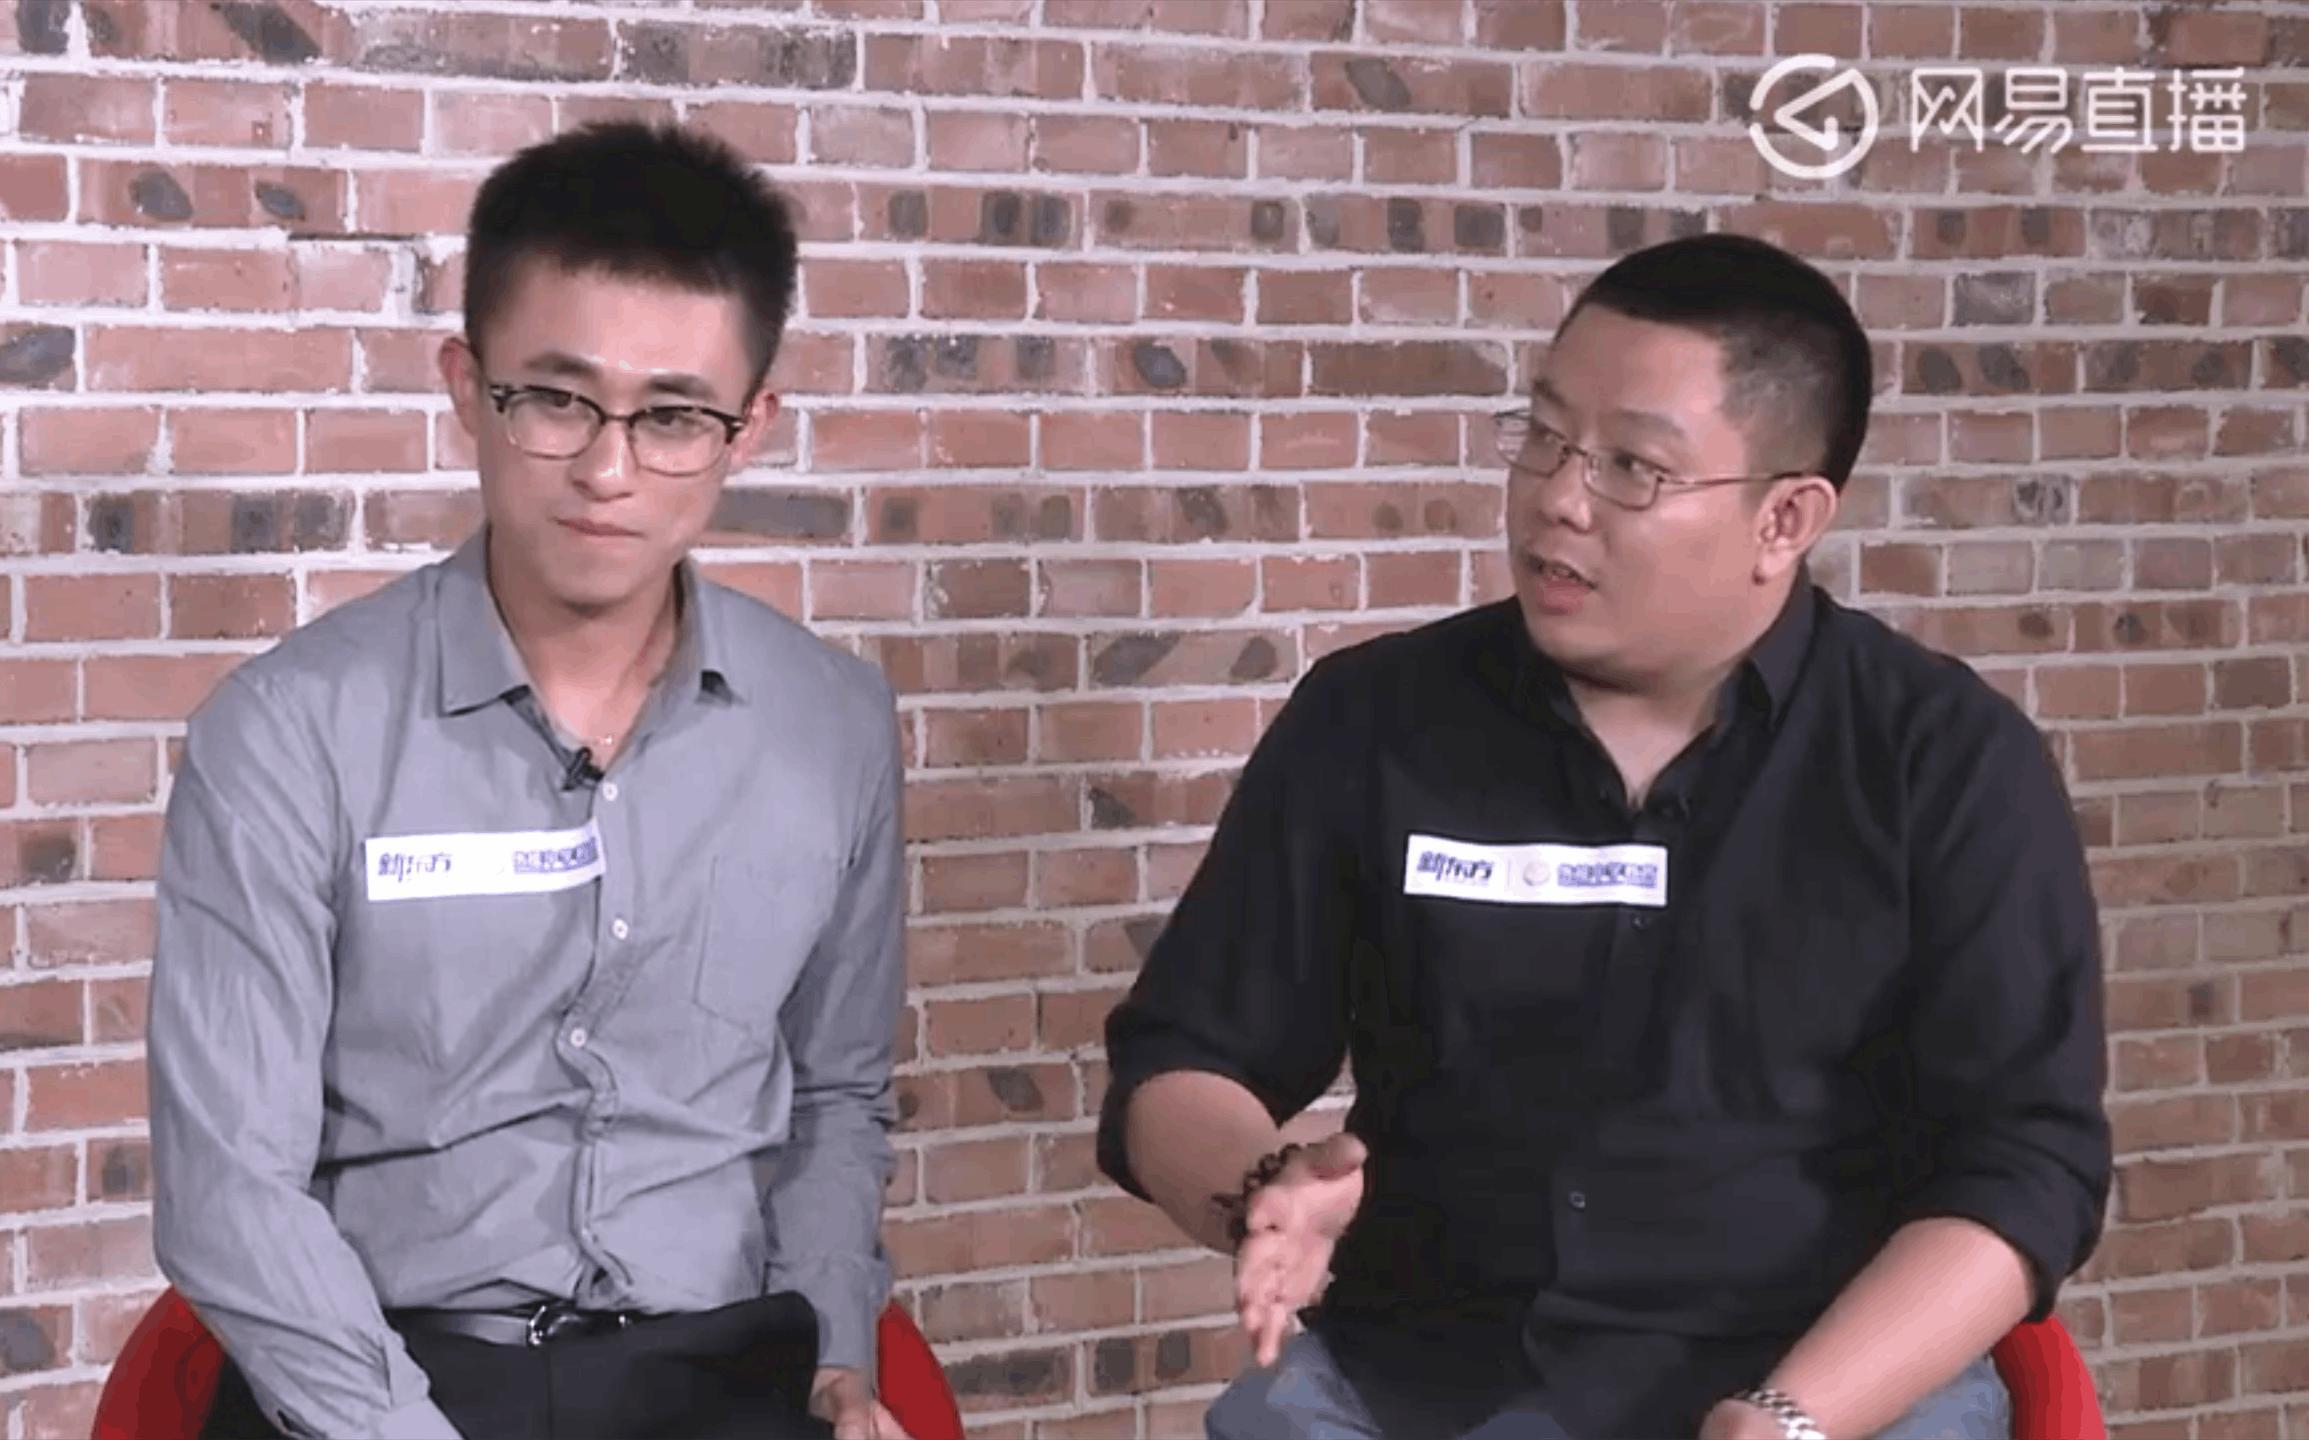 新东方优能中学化学名师耿绍文(左)、生物名师徐京(右)